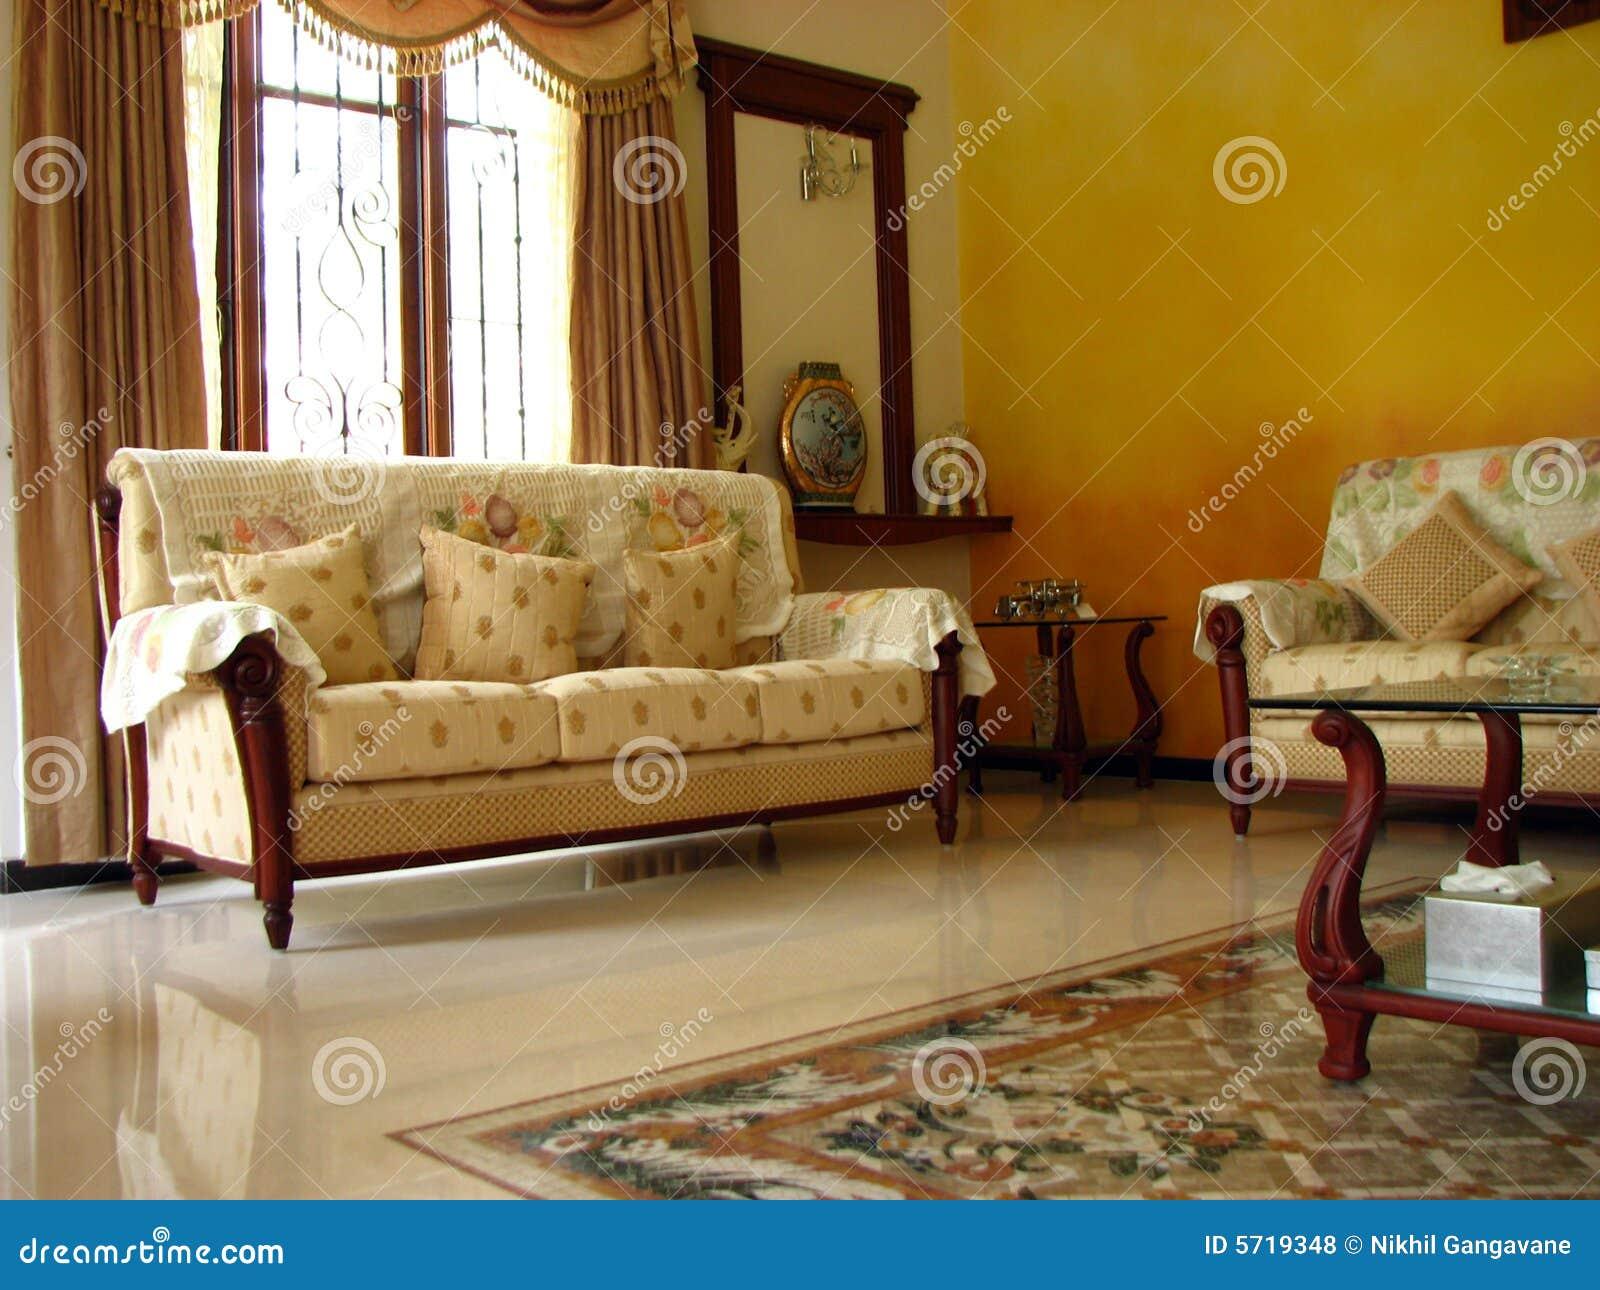 Muebles Lujosos Fotos De Stock Registrate Gratis # Muebles Viejos Gratis